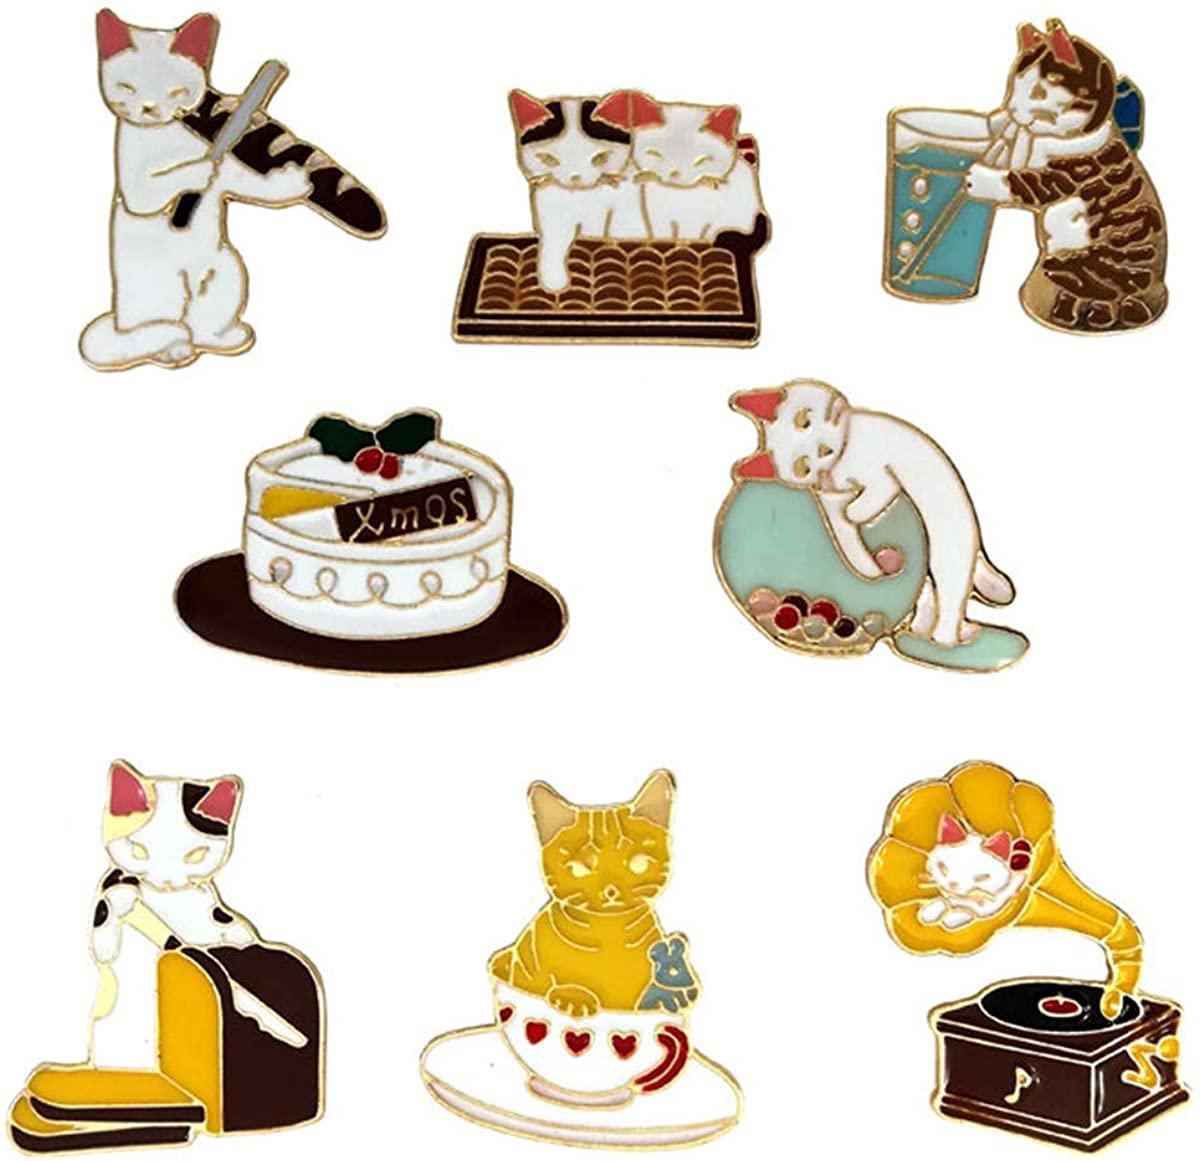 WINZIK Cartoon Lapel Brooch Set 8Pcs Novelty Cute Cat Kitten Pins Badges For Women Children Clothing Backpacks Decor